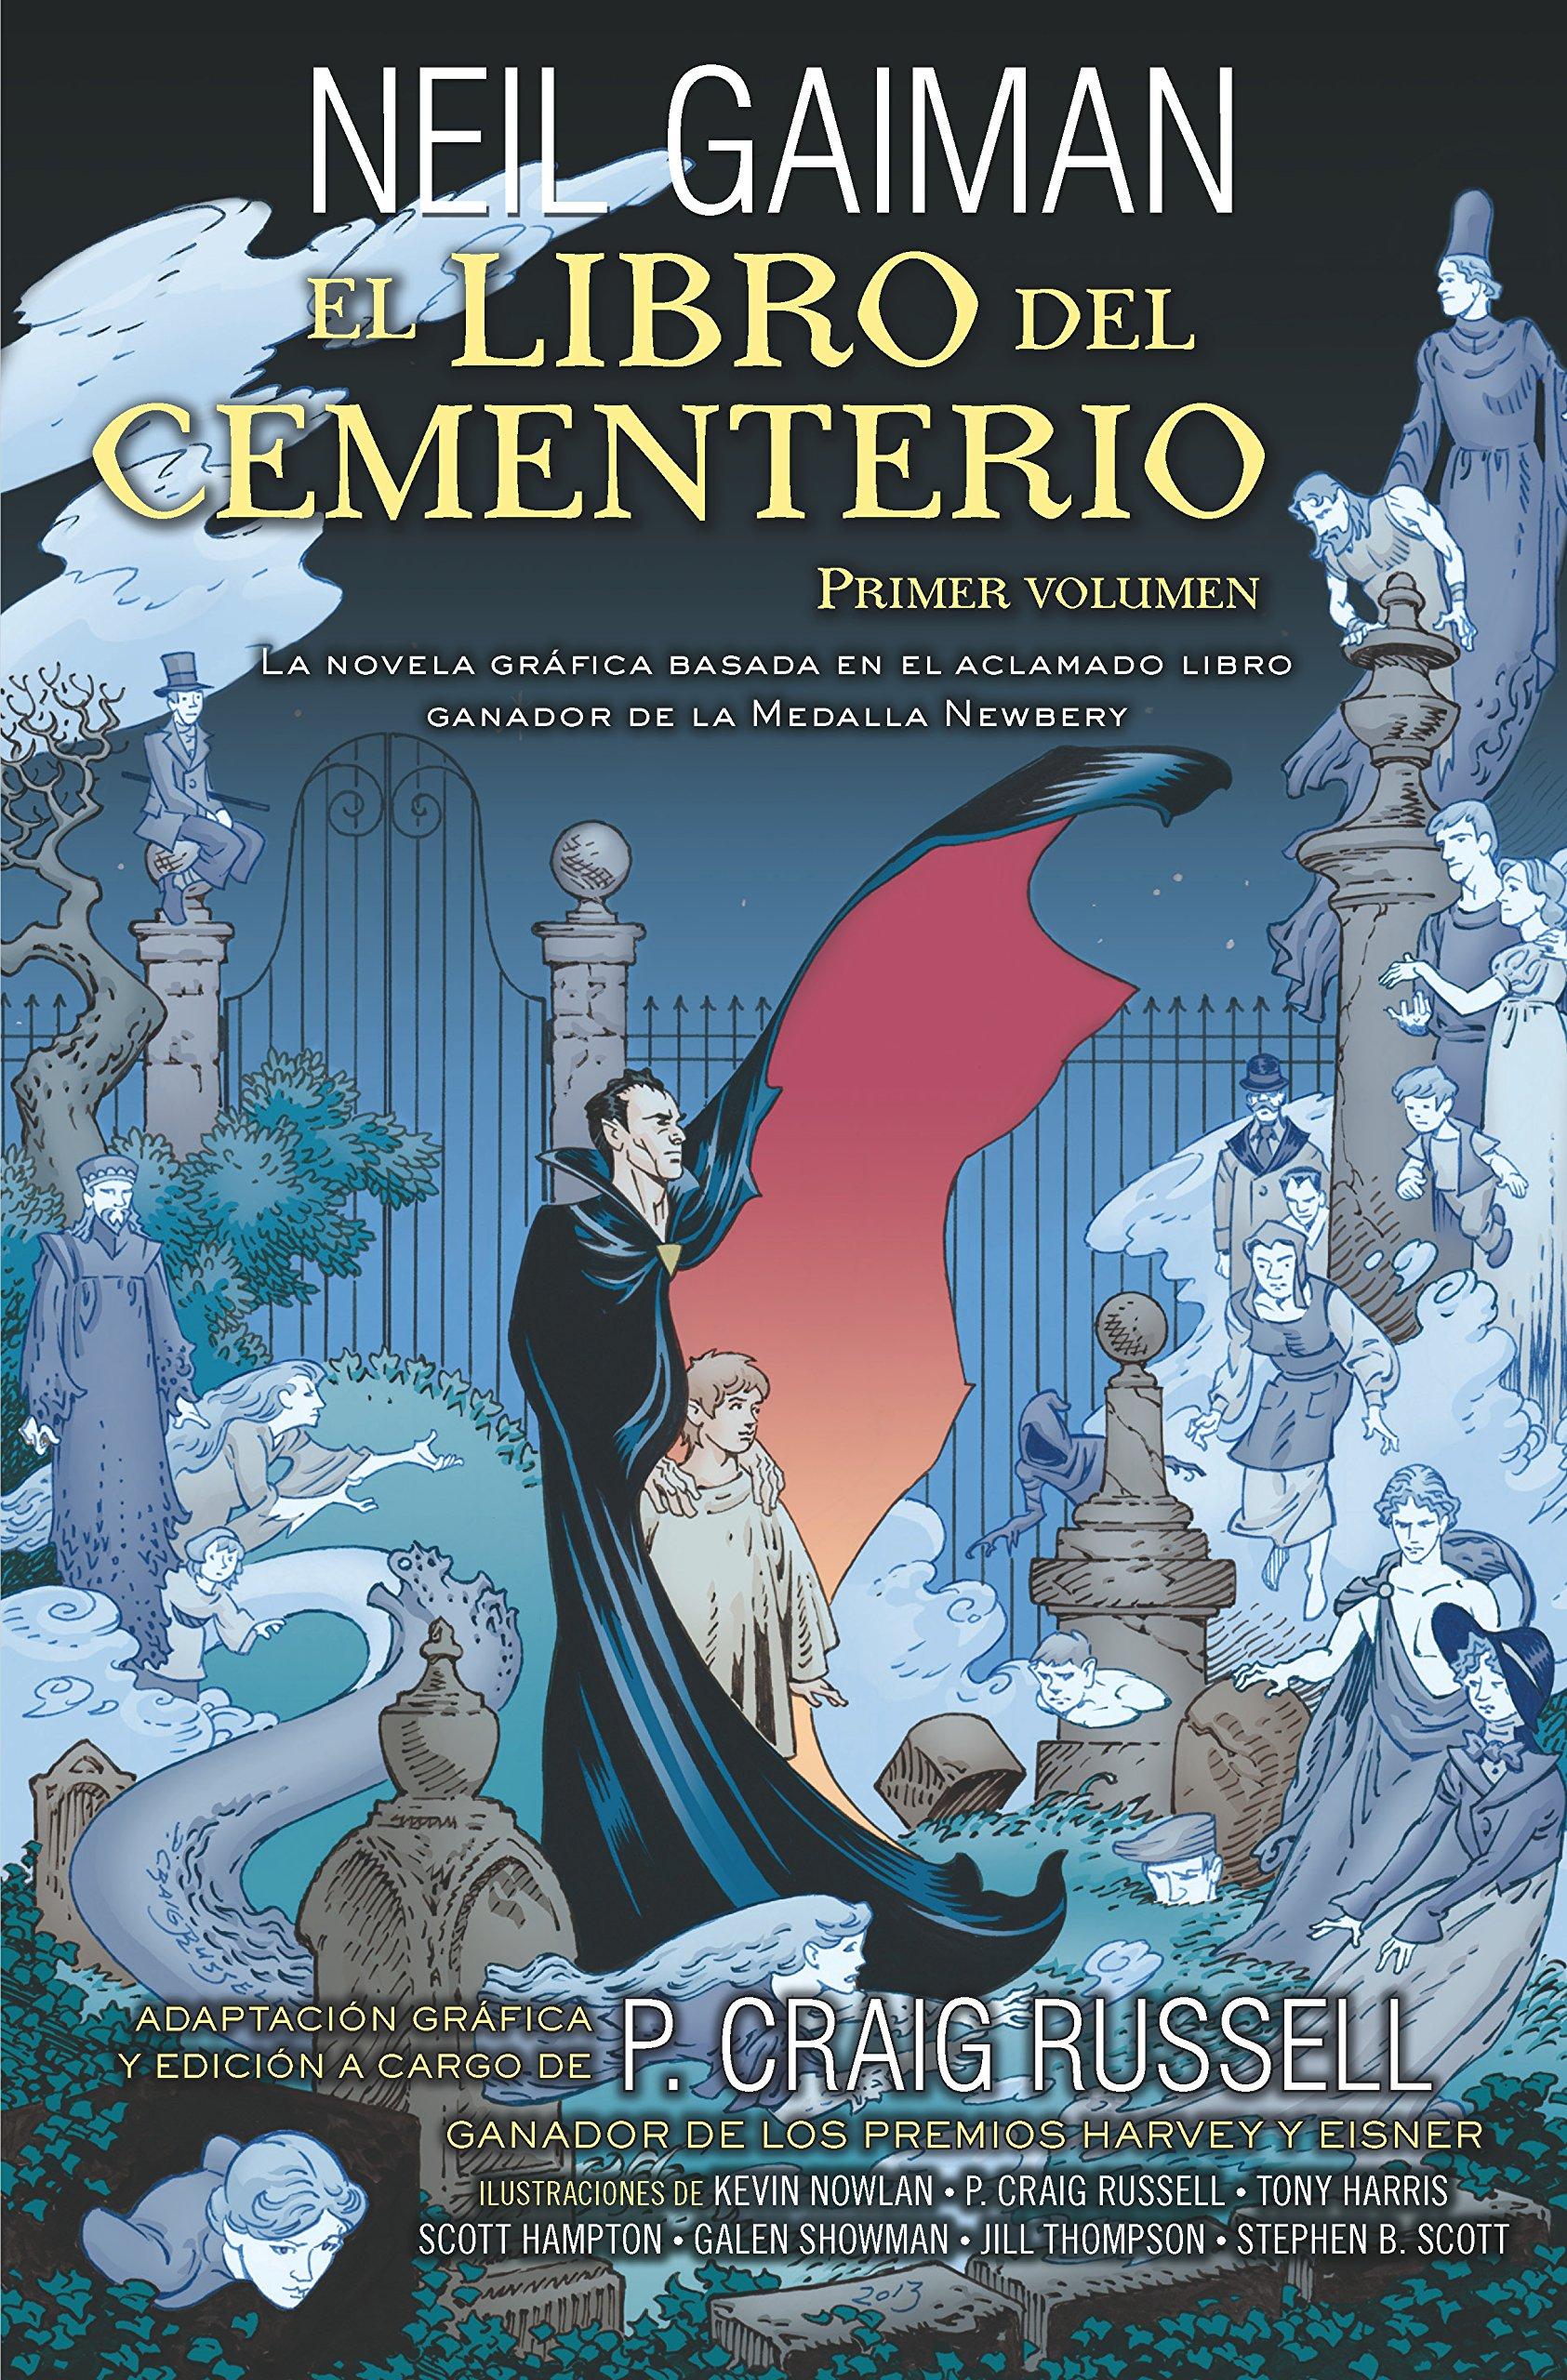 El libro del cementerio Vol 1 (Novela gráfica): Amazon.es: Neil Gaiman: Libros